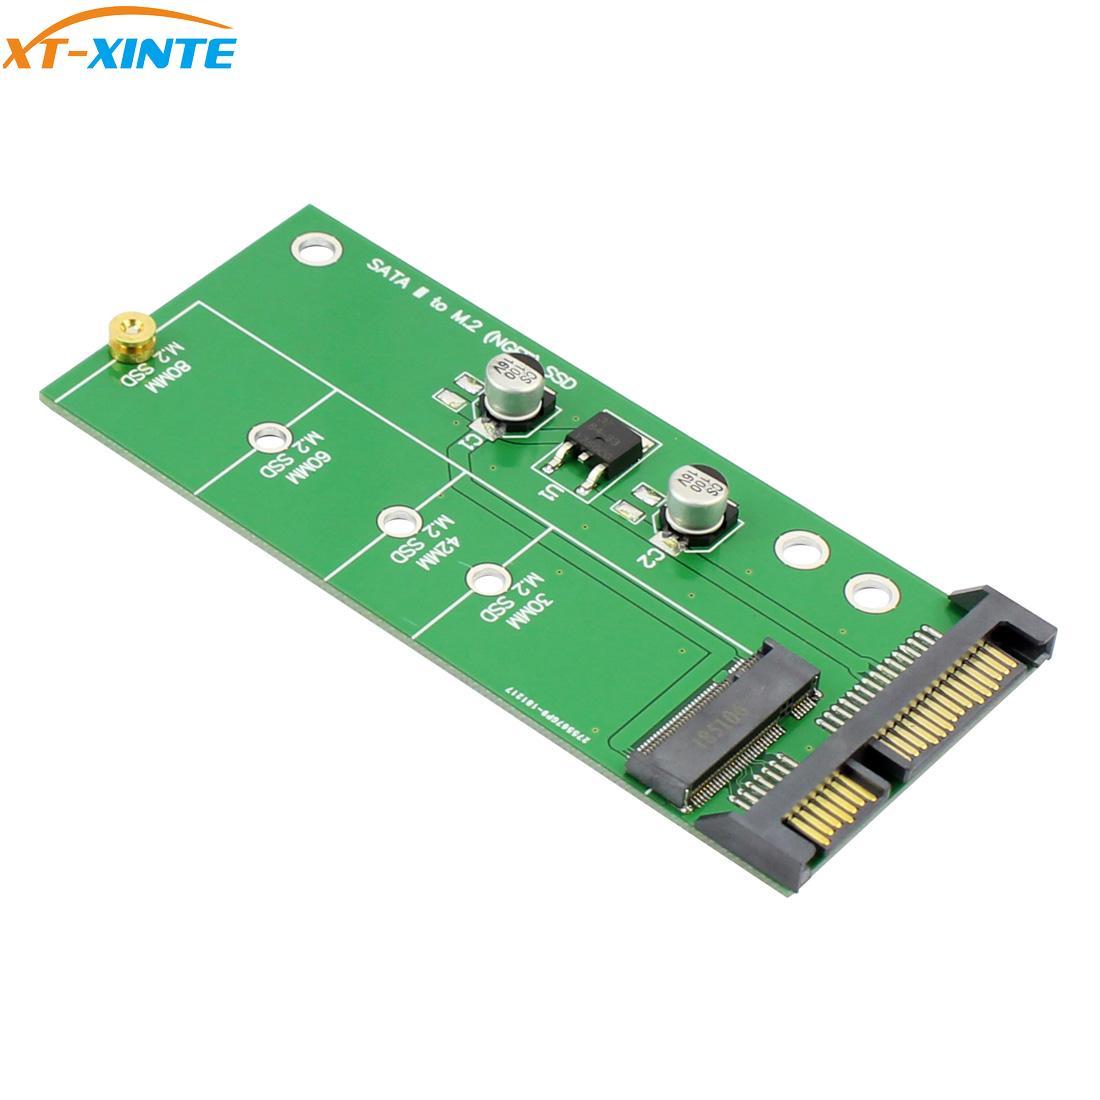 XT-XINTE SATA3 M.2 Card NGFF ( M2 ) SSD To 2.5